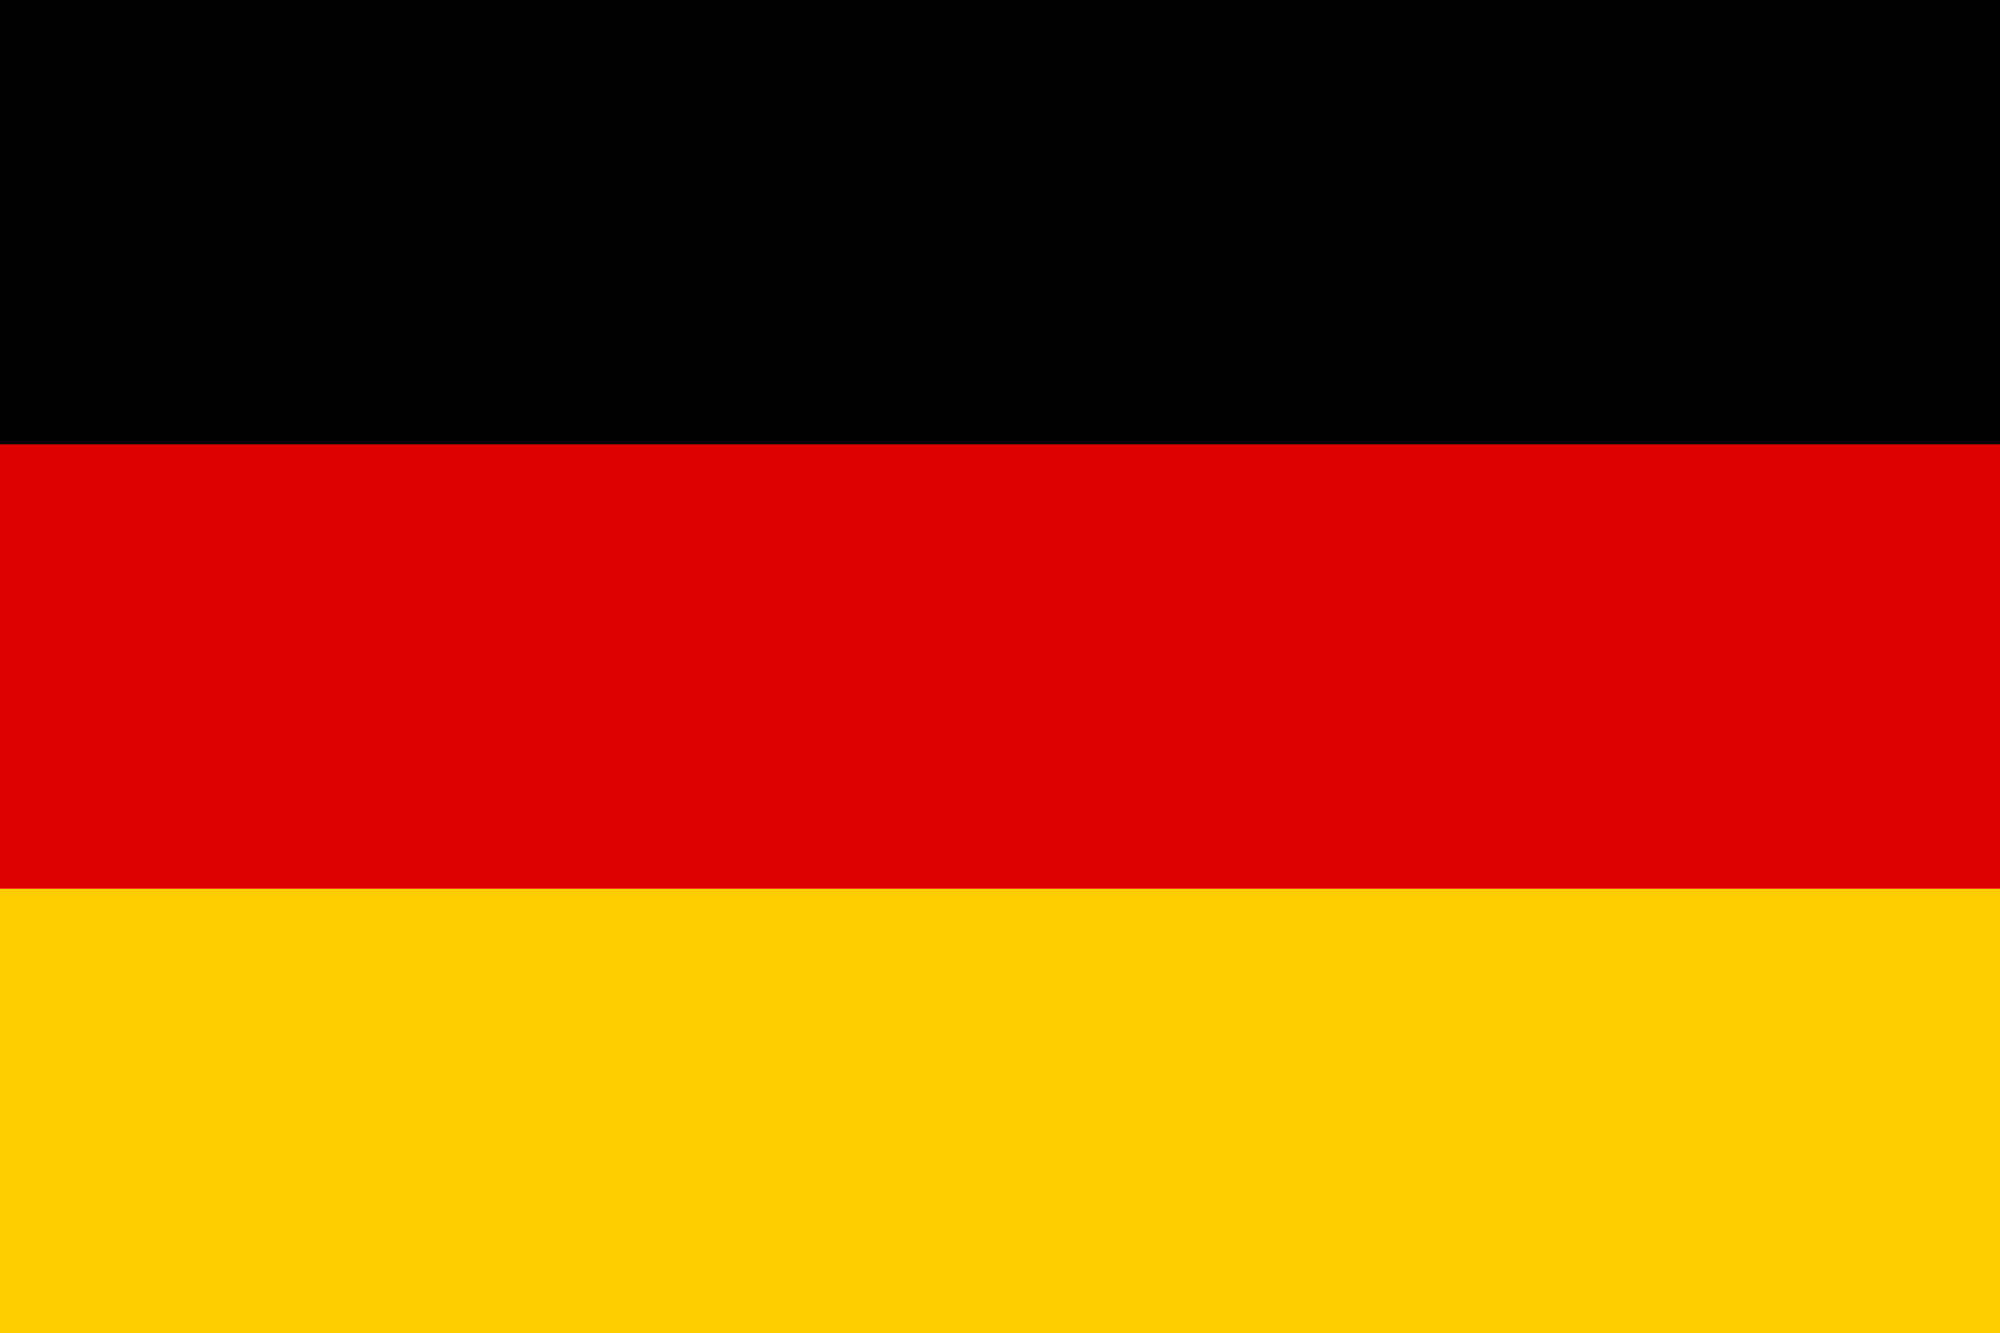 Welche Flaggen Ähneln Sich? | Duda.news mit Unterschied Fahne Flagge